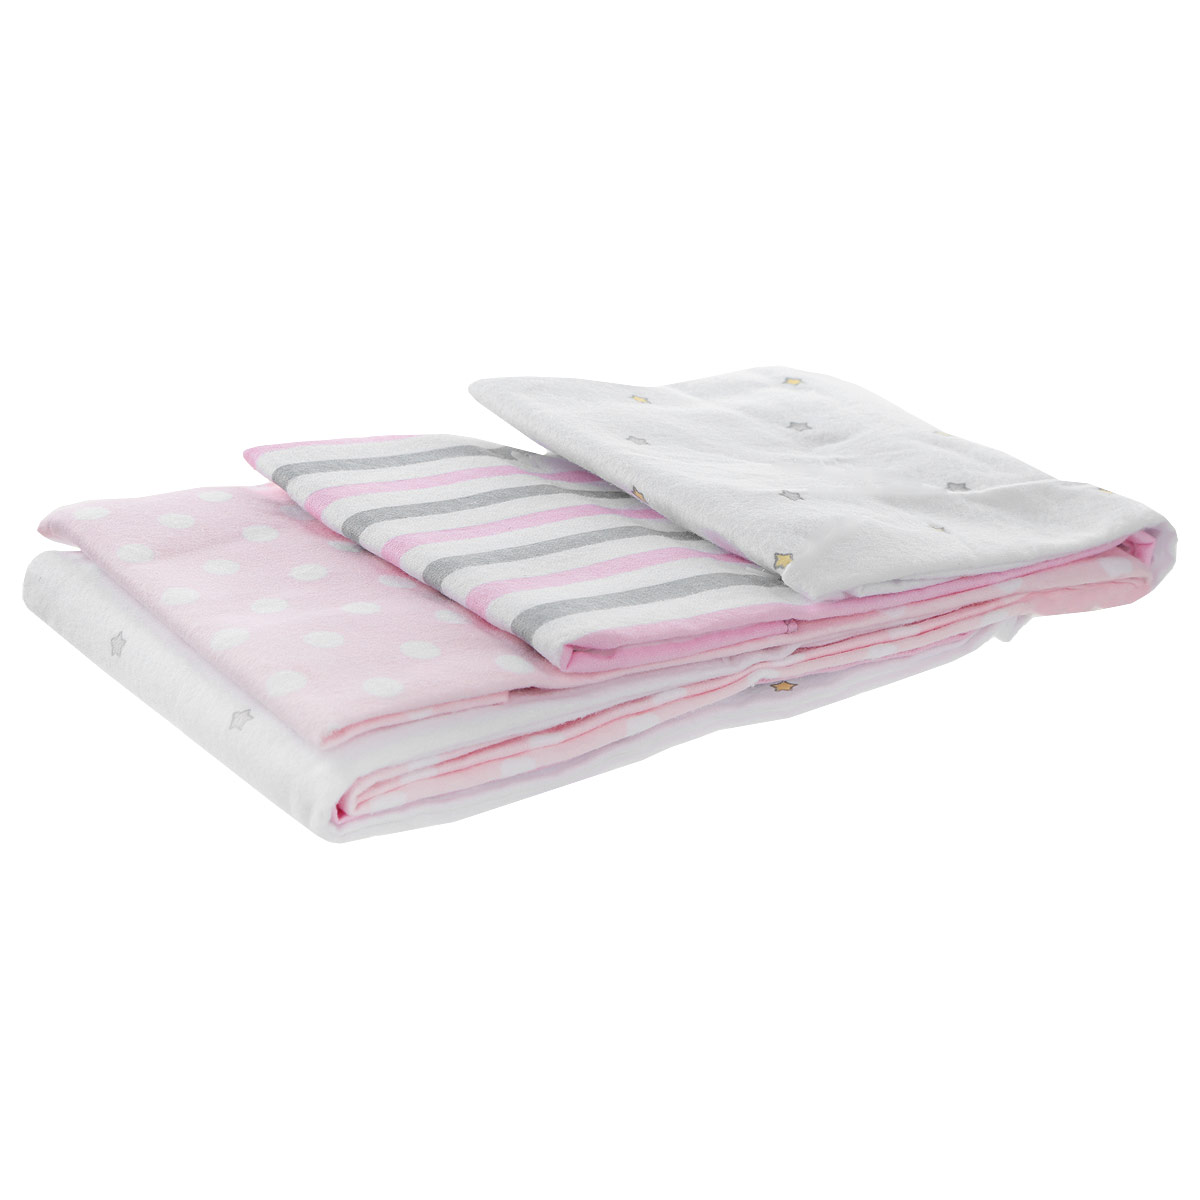 Комплект фланелевых пеленок Babydays Звездочка, 76 см х см, цвет: розовый, 3 шт